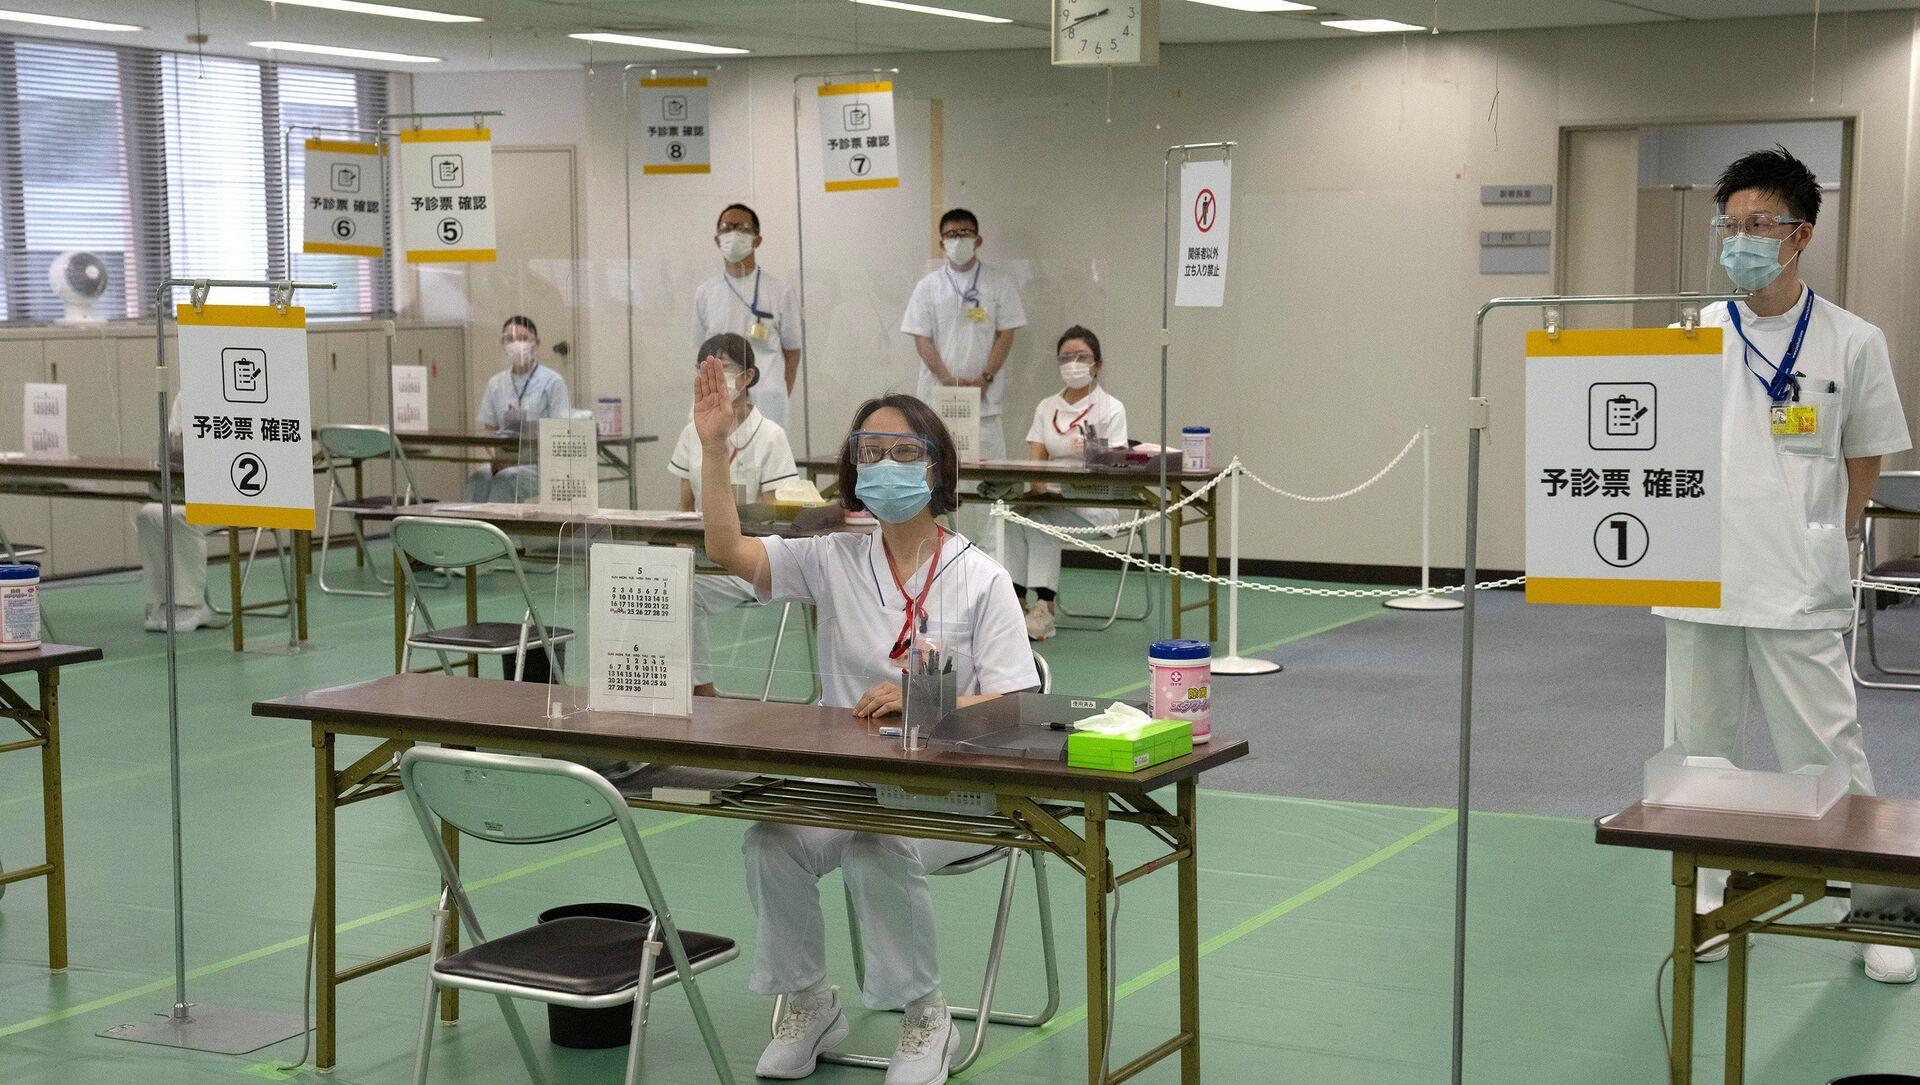 ワクチン接種会場(東京) - Sputnik 日本, 1920, 05.09.2021